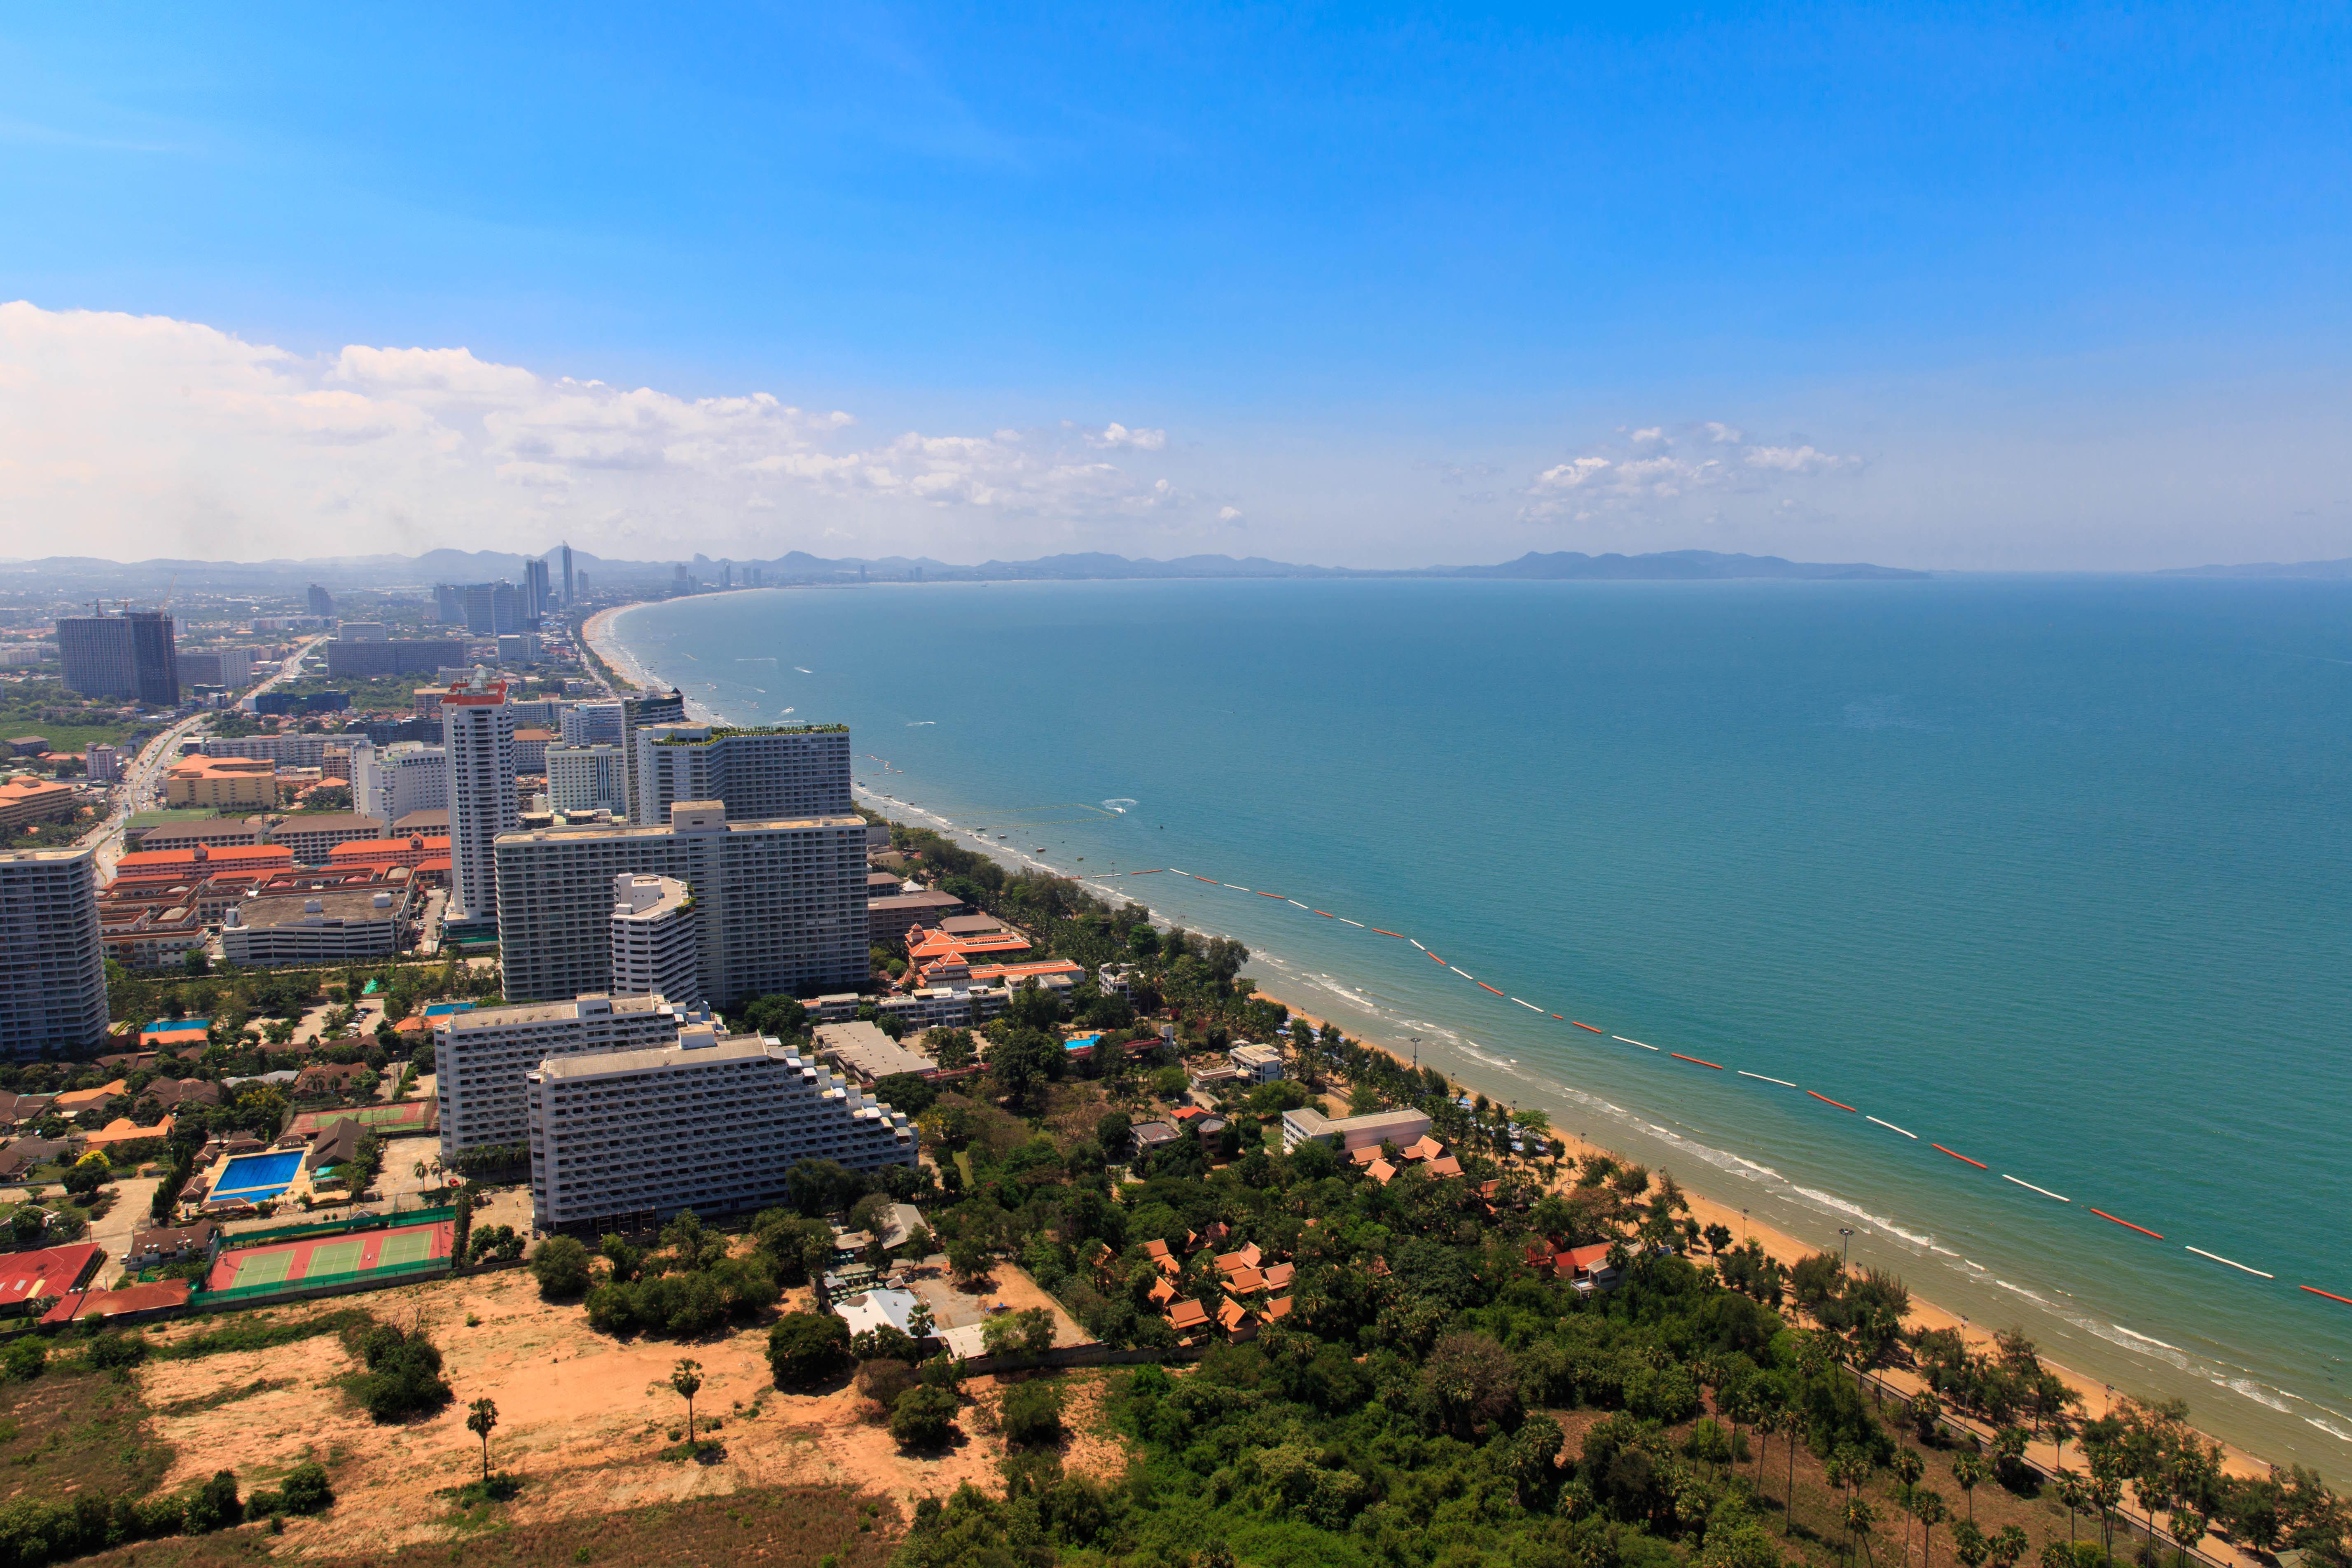 欢乐海岸椰林沙滩-芭提雅海滩 曼谷 芭提雅 沙美岛8日跟团游 3钻 沙美岛